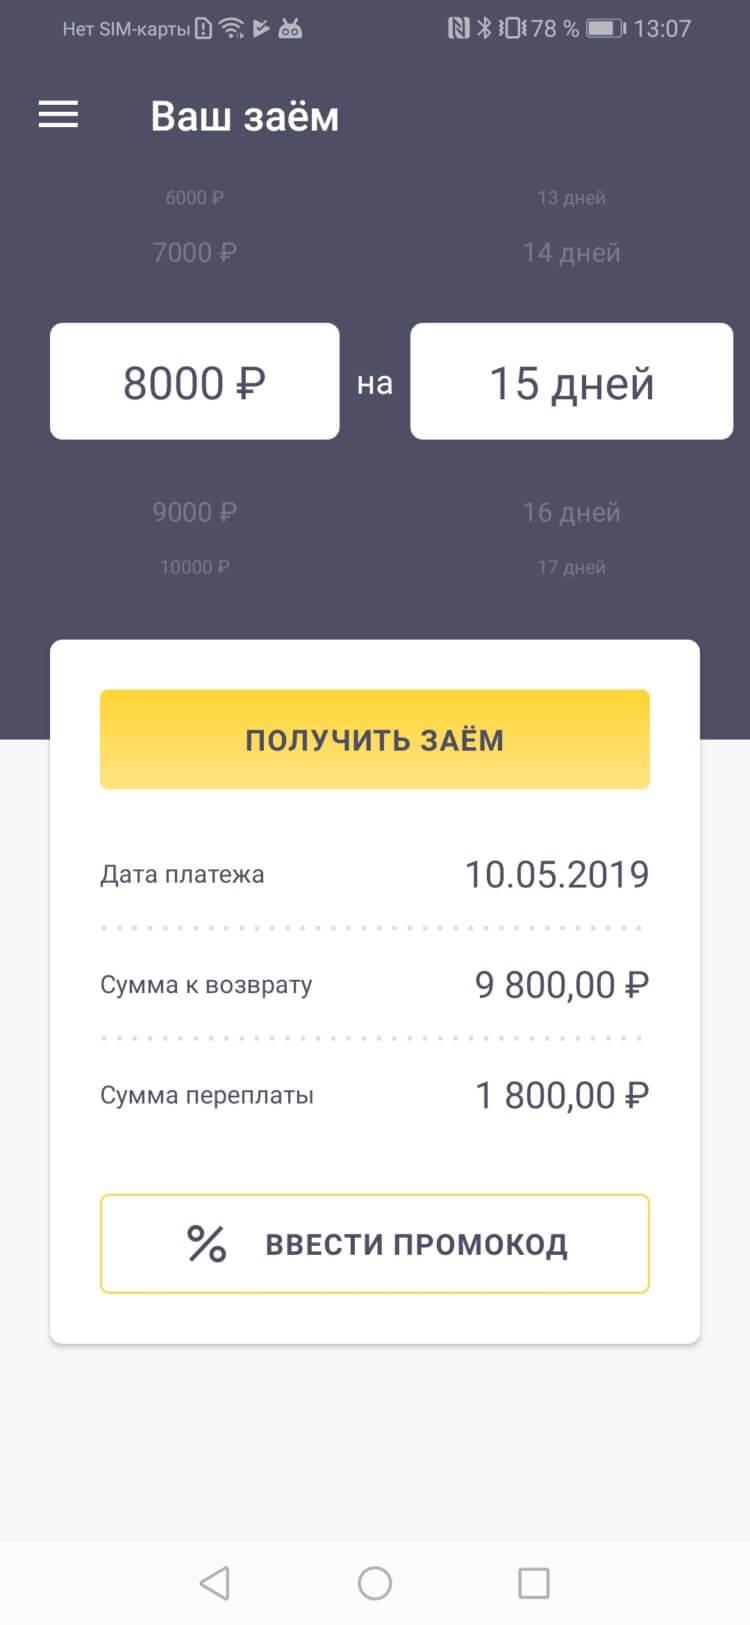 Как получить займ до зарплаты прямо на смартфоне